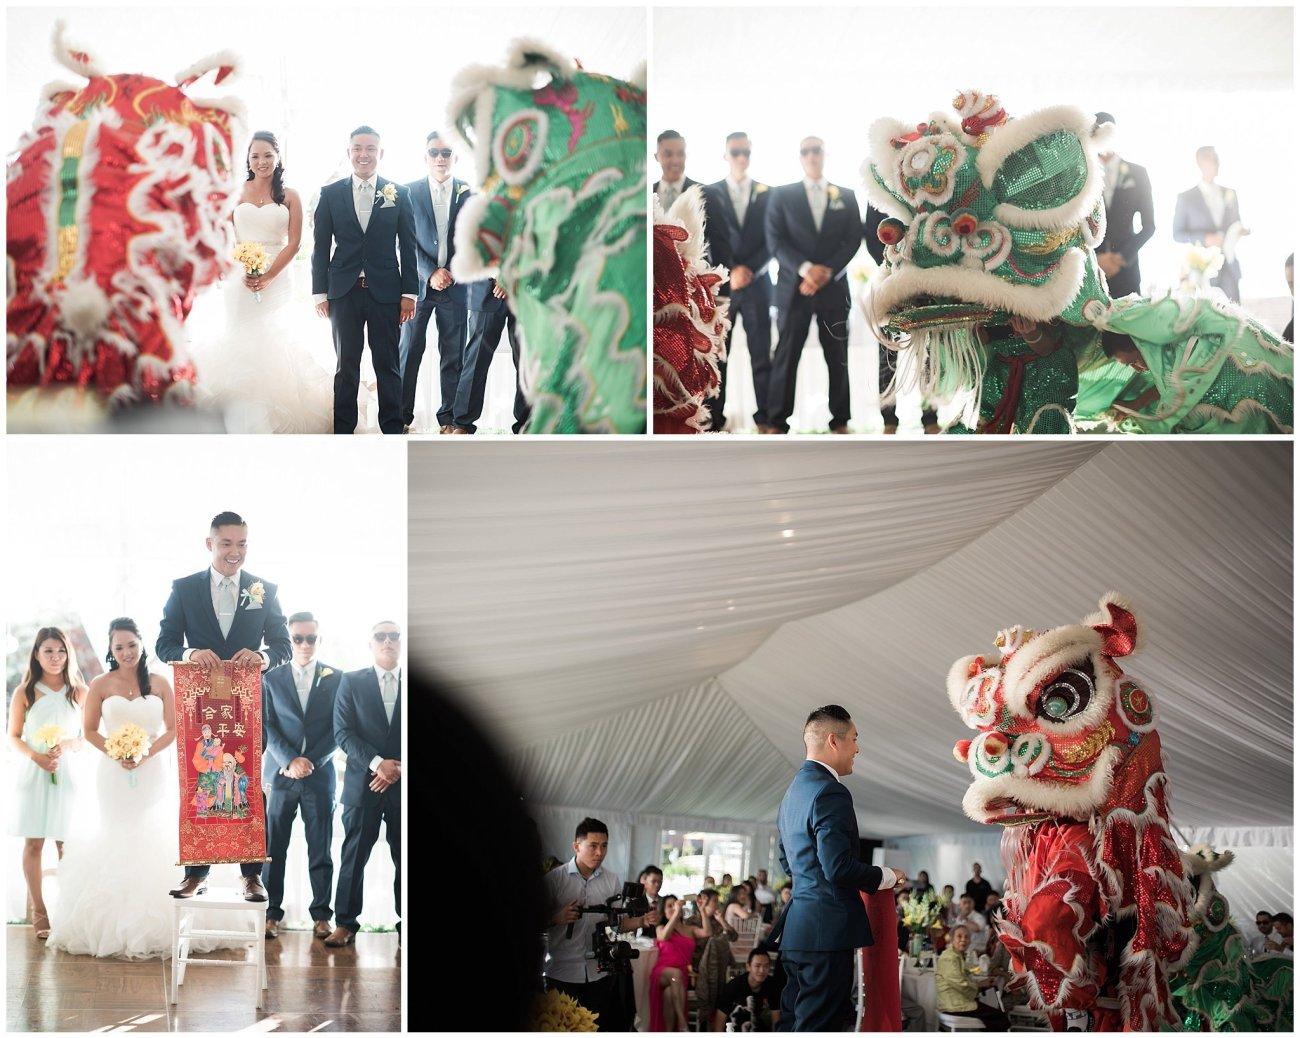 Ha & Allen Wedding Third Element Photography & Cinema Pismo Beach Cliffs Resort Central Coast Hybrid Film Wedding Photographer_0029